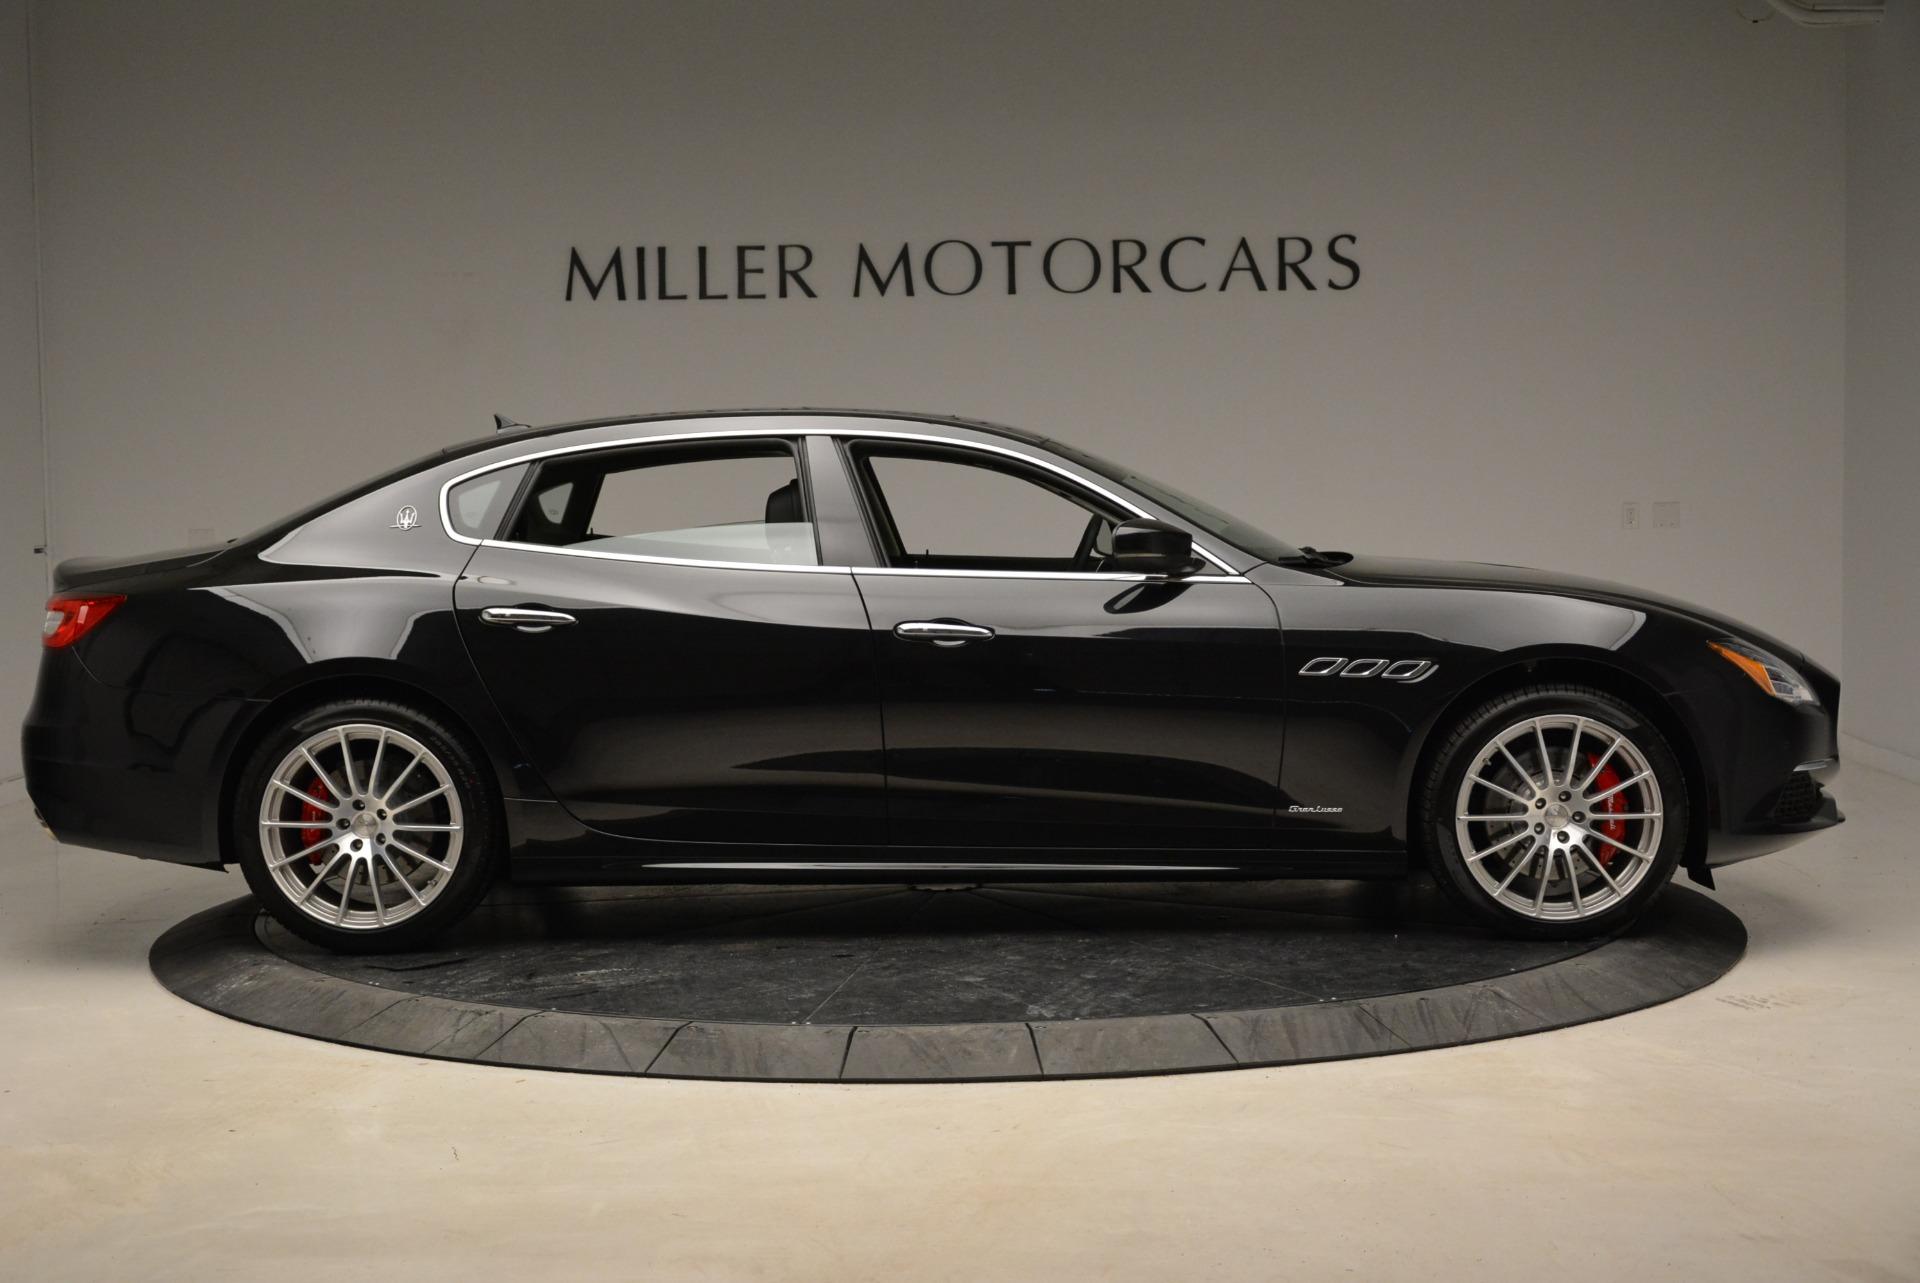 New 2018 Maserati Quattroporte S Q4 GranLusso For Sale In Greenwich, CT 2386_p9